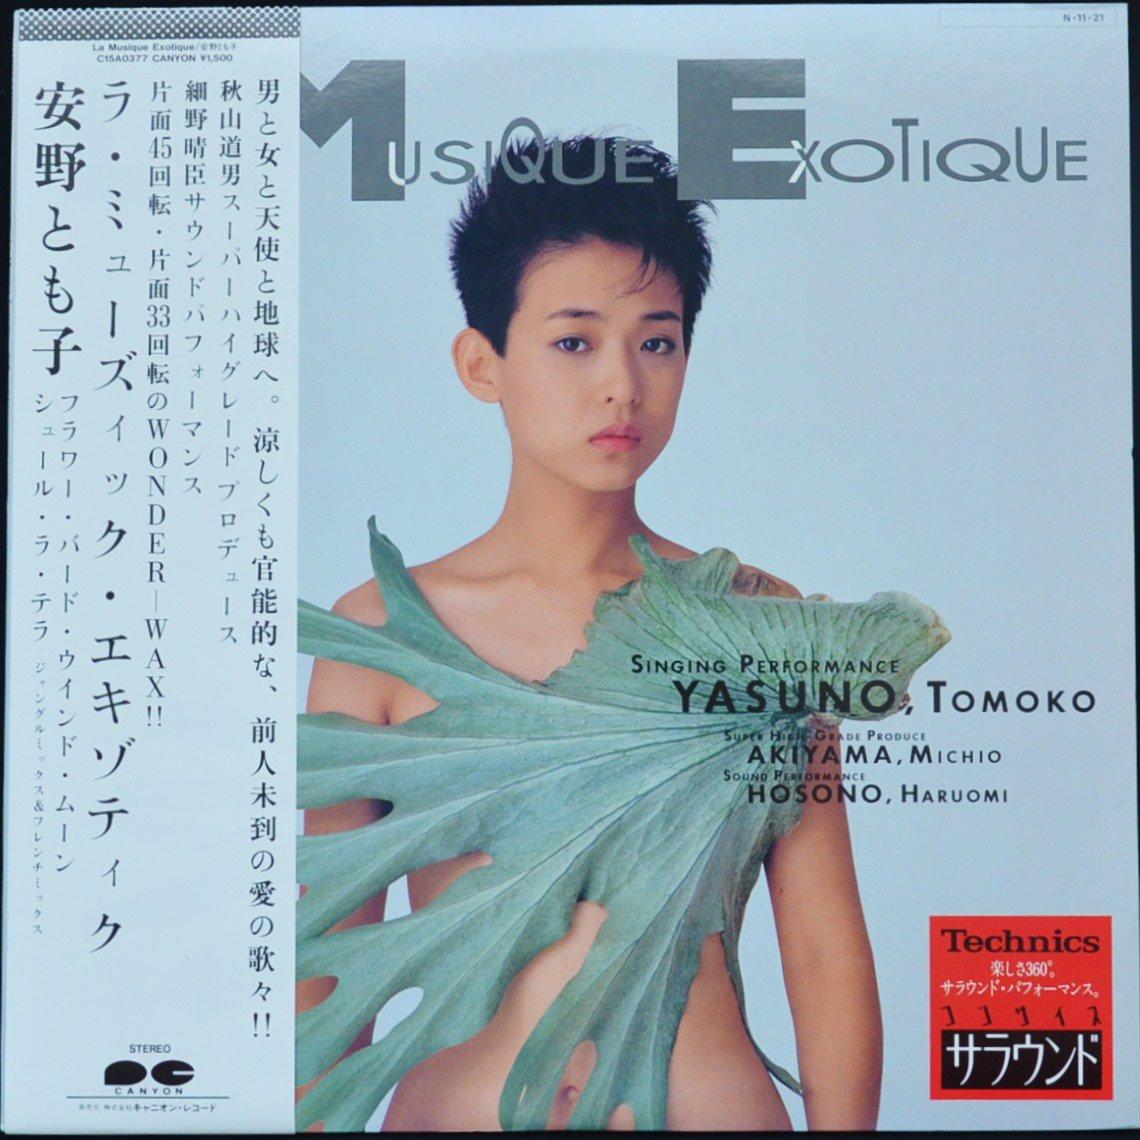 安野とも子 TOMOKO YASUNO / ラ・ミューズィック・エキゾティク LA MUSIQUE EXOTIQUE (12